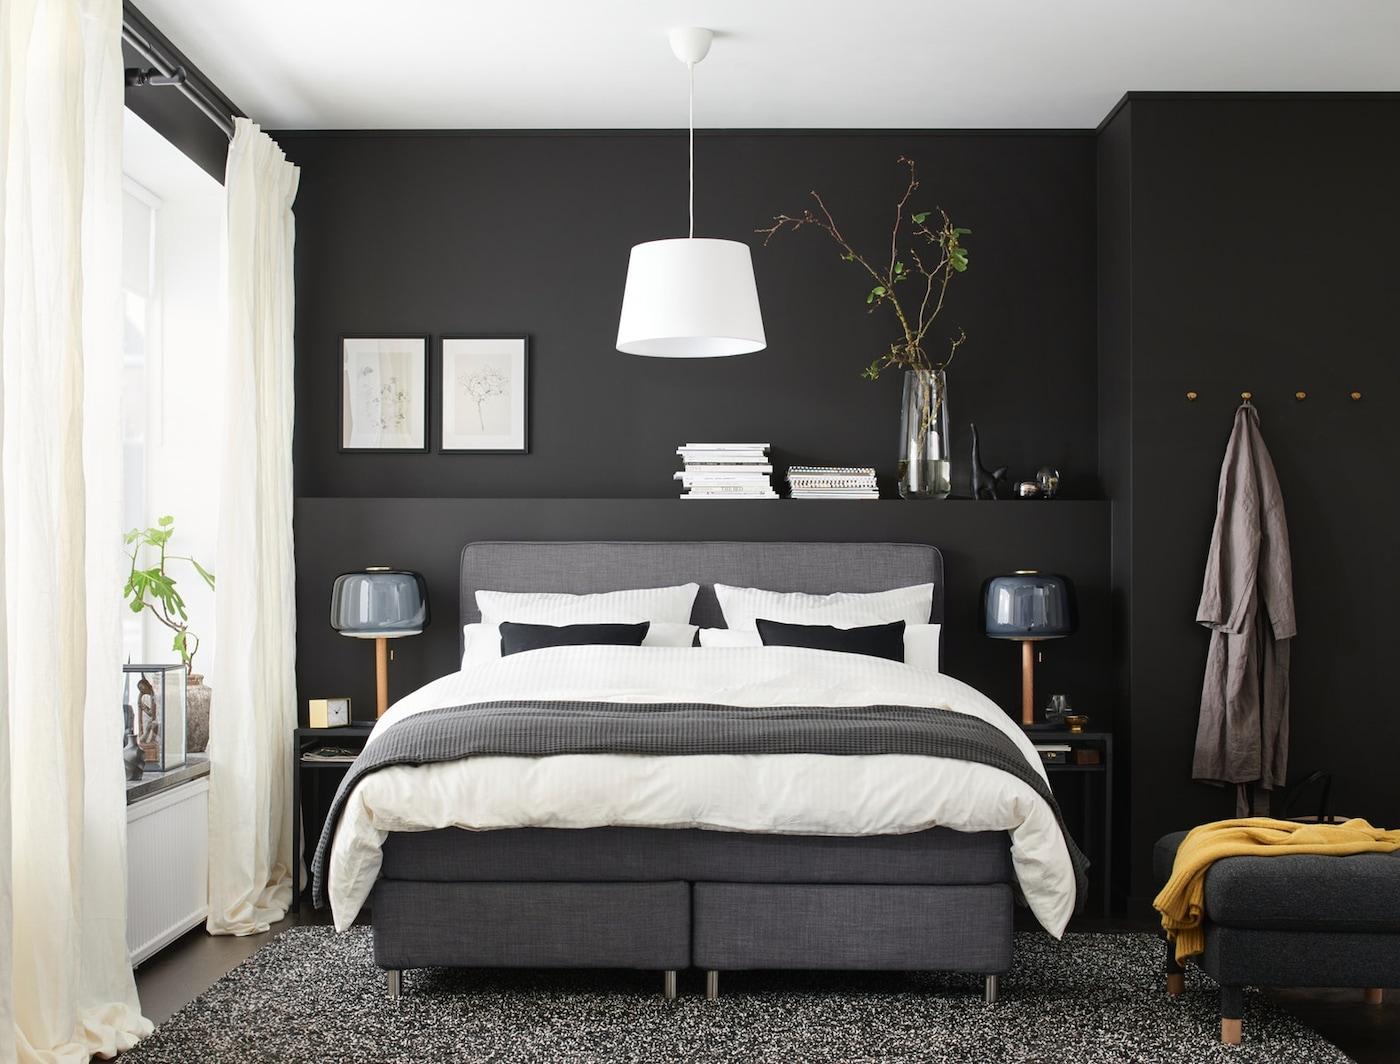 Ein stilvolles, dunkles Schlafzimmer mit einem Doppelbett, zwei Stehlampen und zwei dunklen Nachttischen.